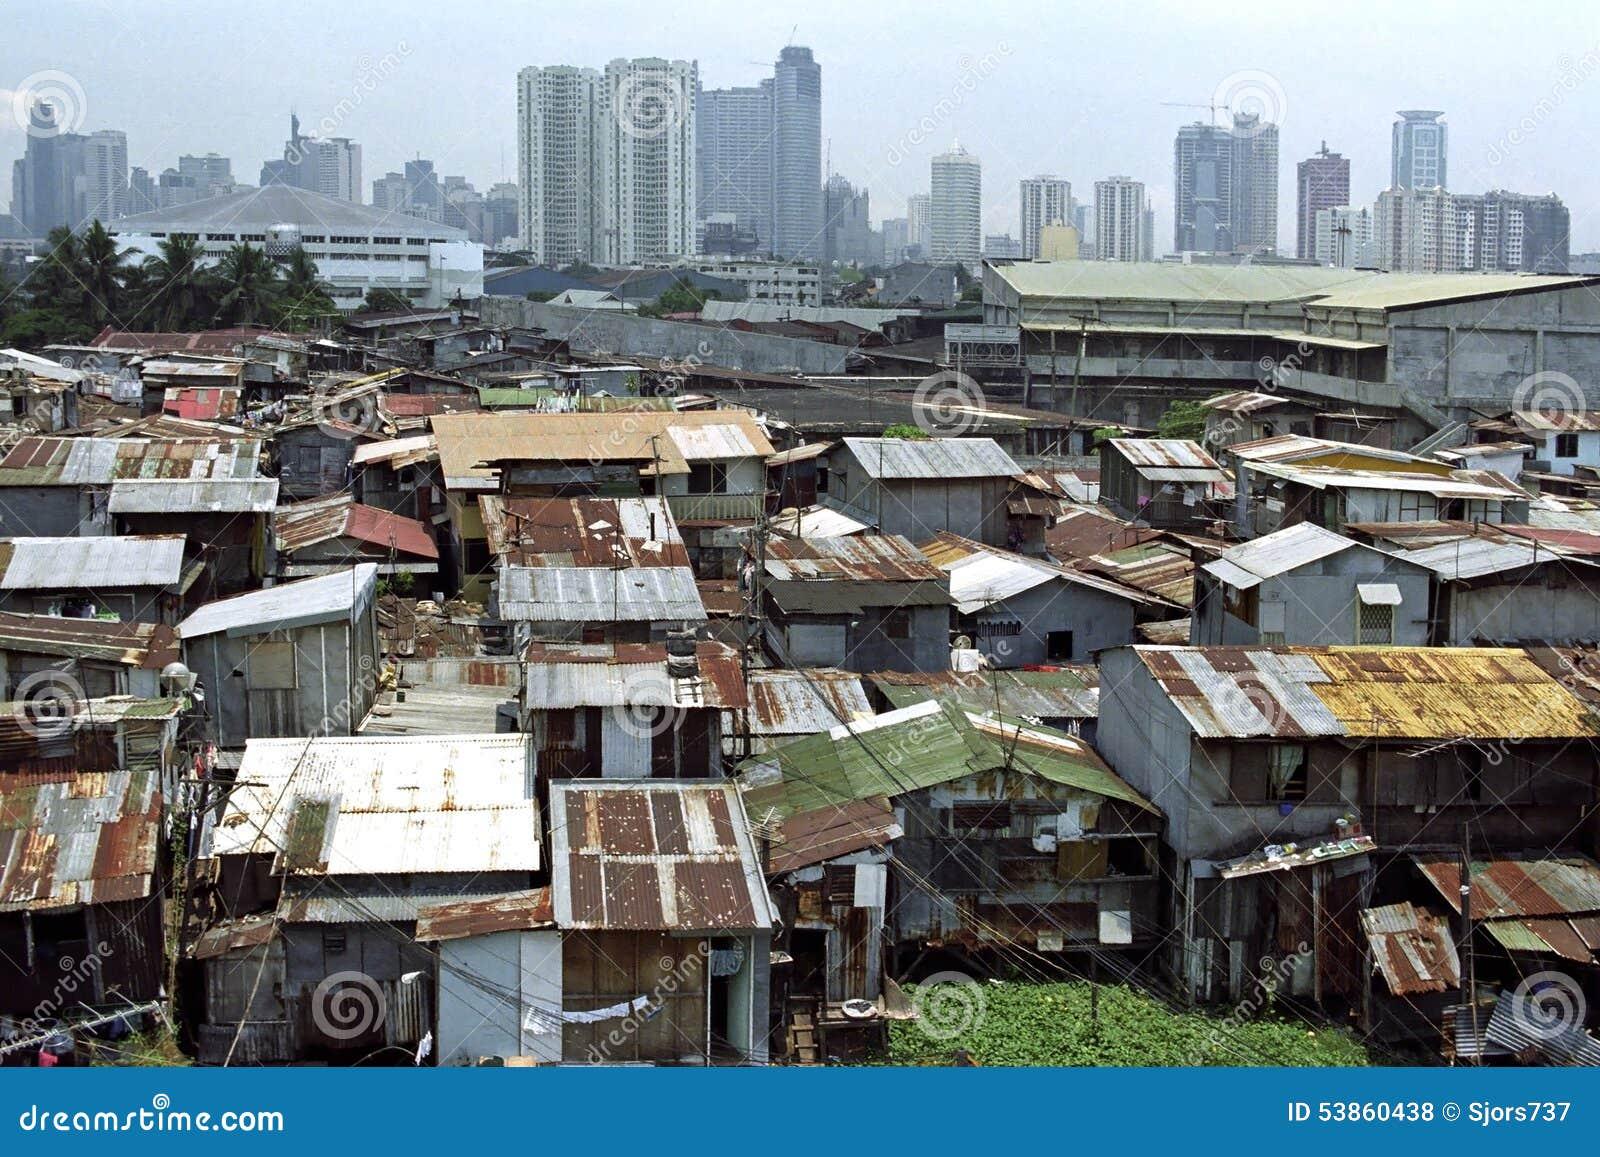 Kontrastera mellan rikt och fattigt, Manila, Filippinerna